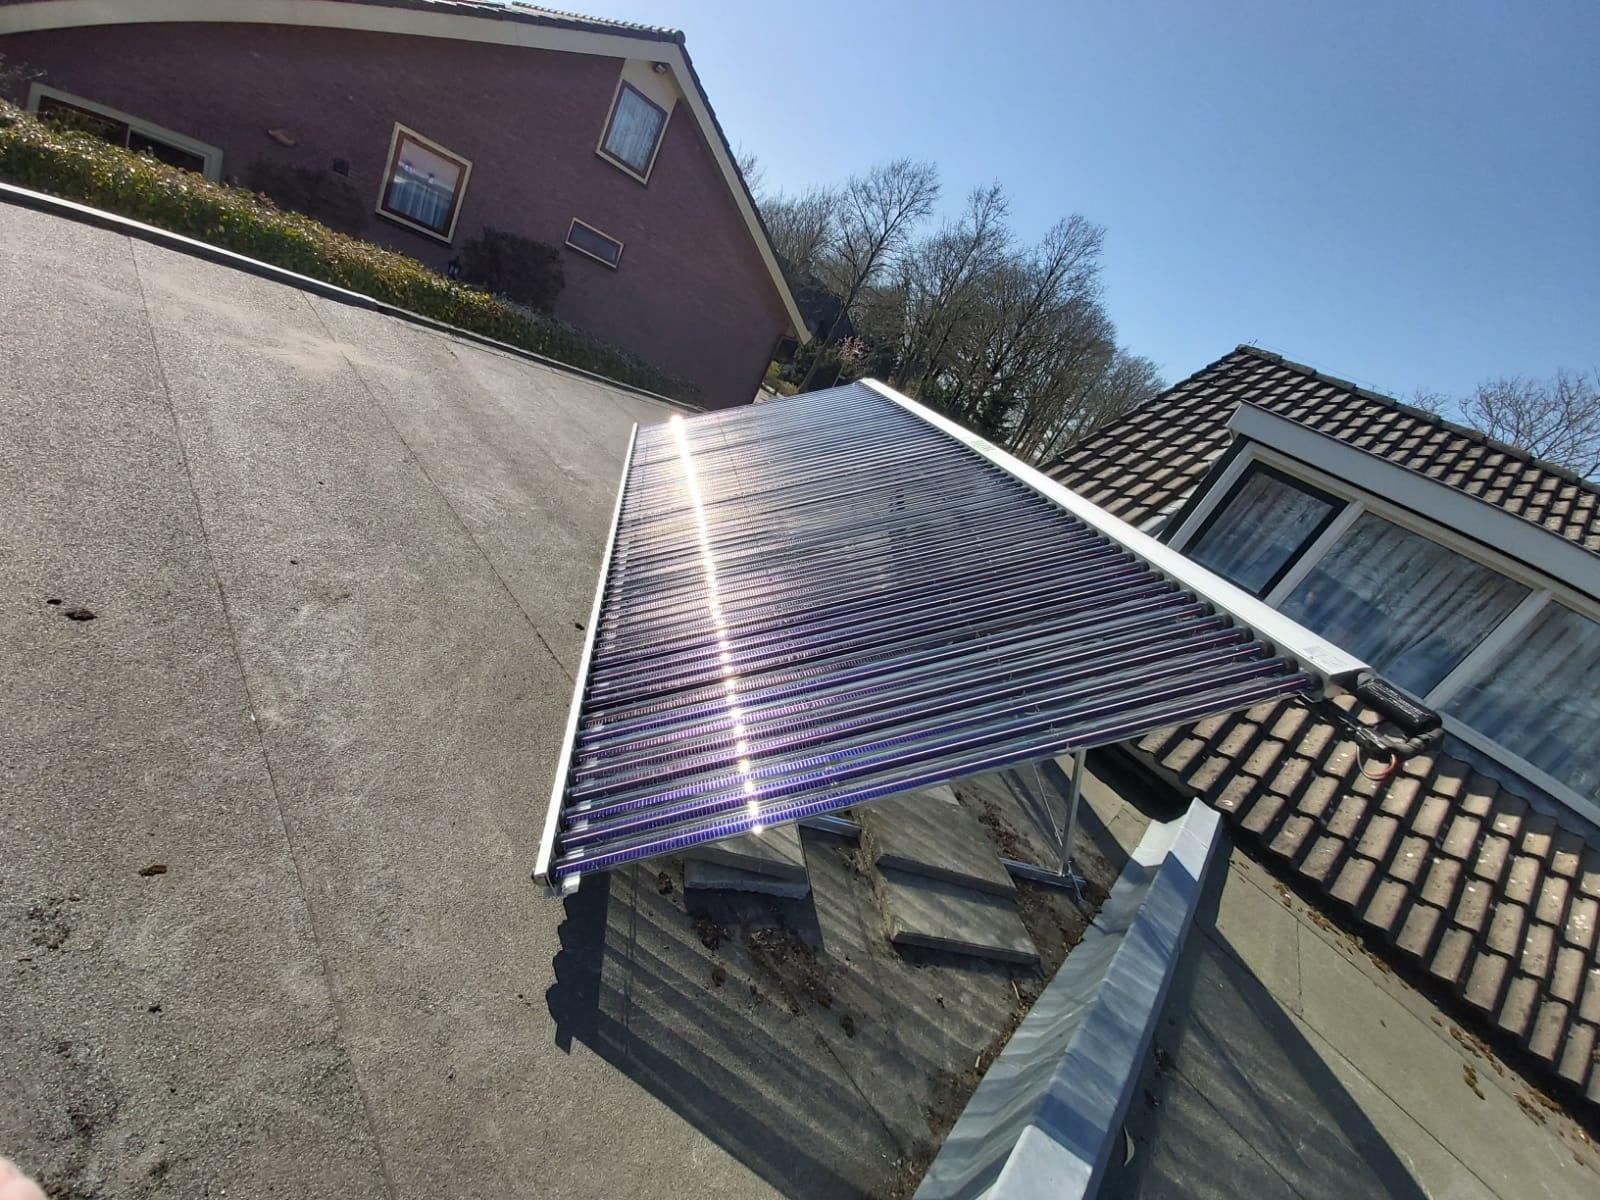 Duurzaam verwarmen met zonnecollectoren